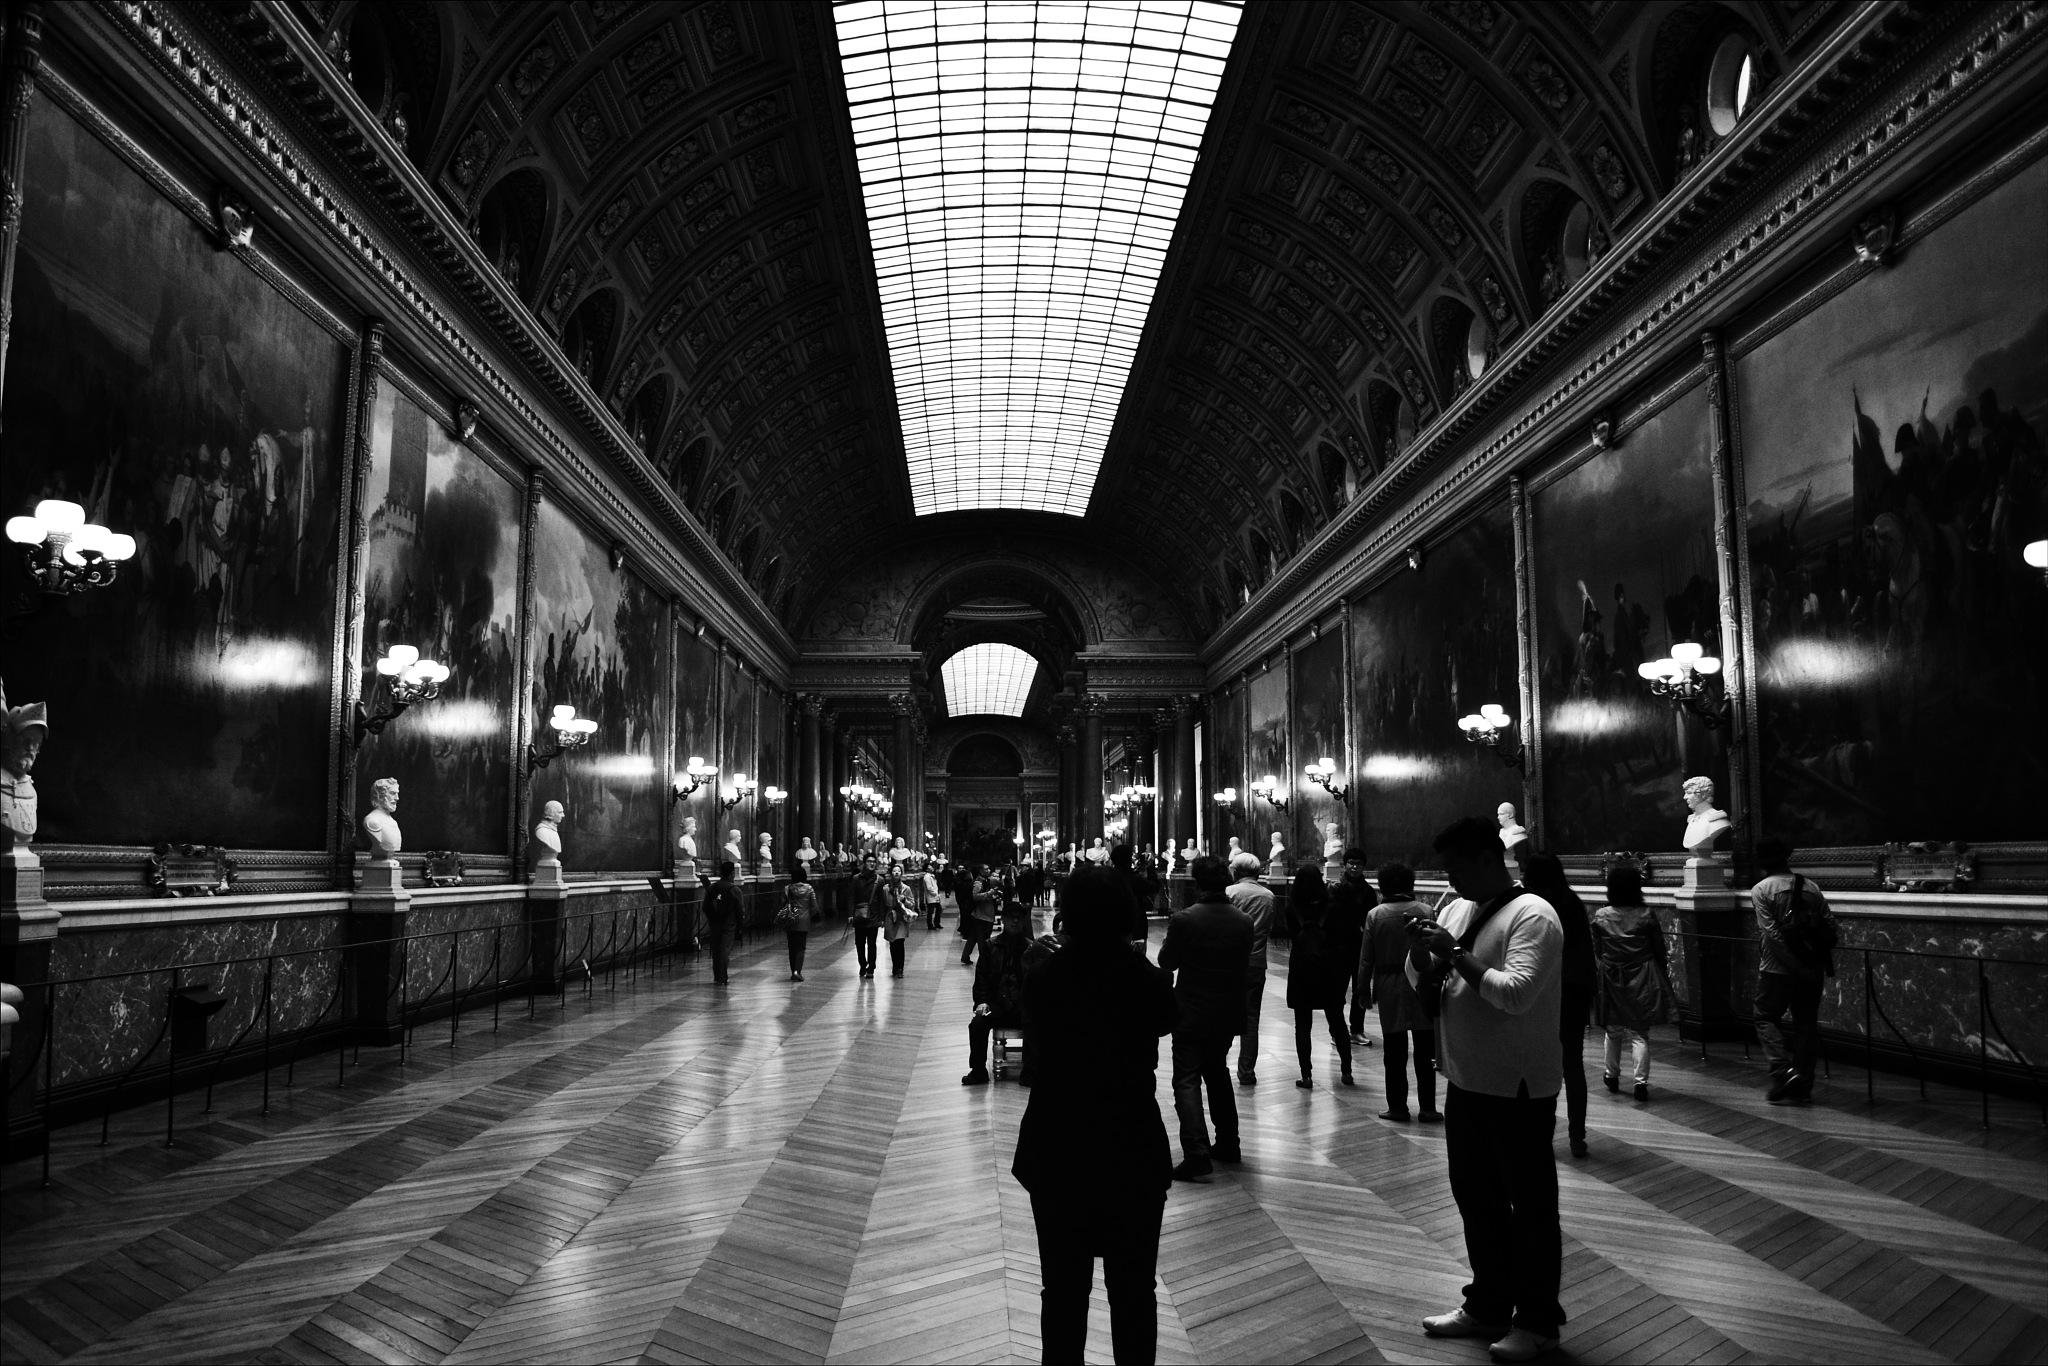 Salão de exposição do Château de Versailles by Fred Matos